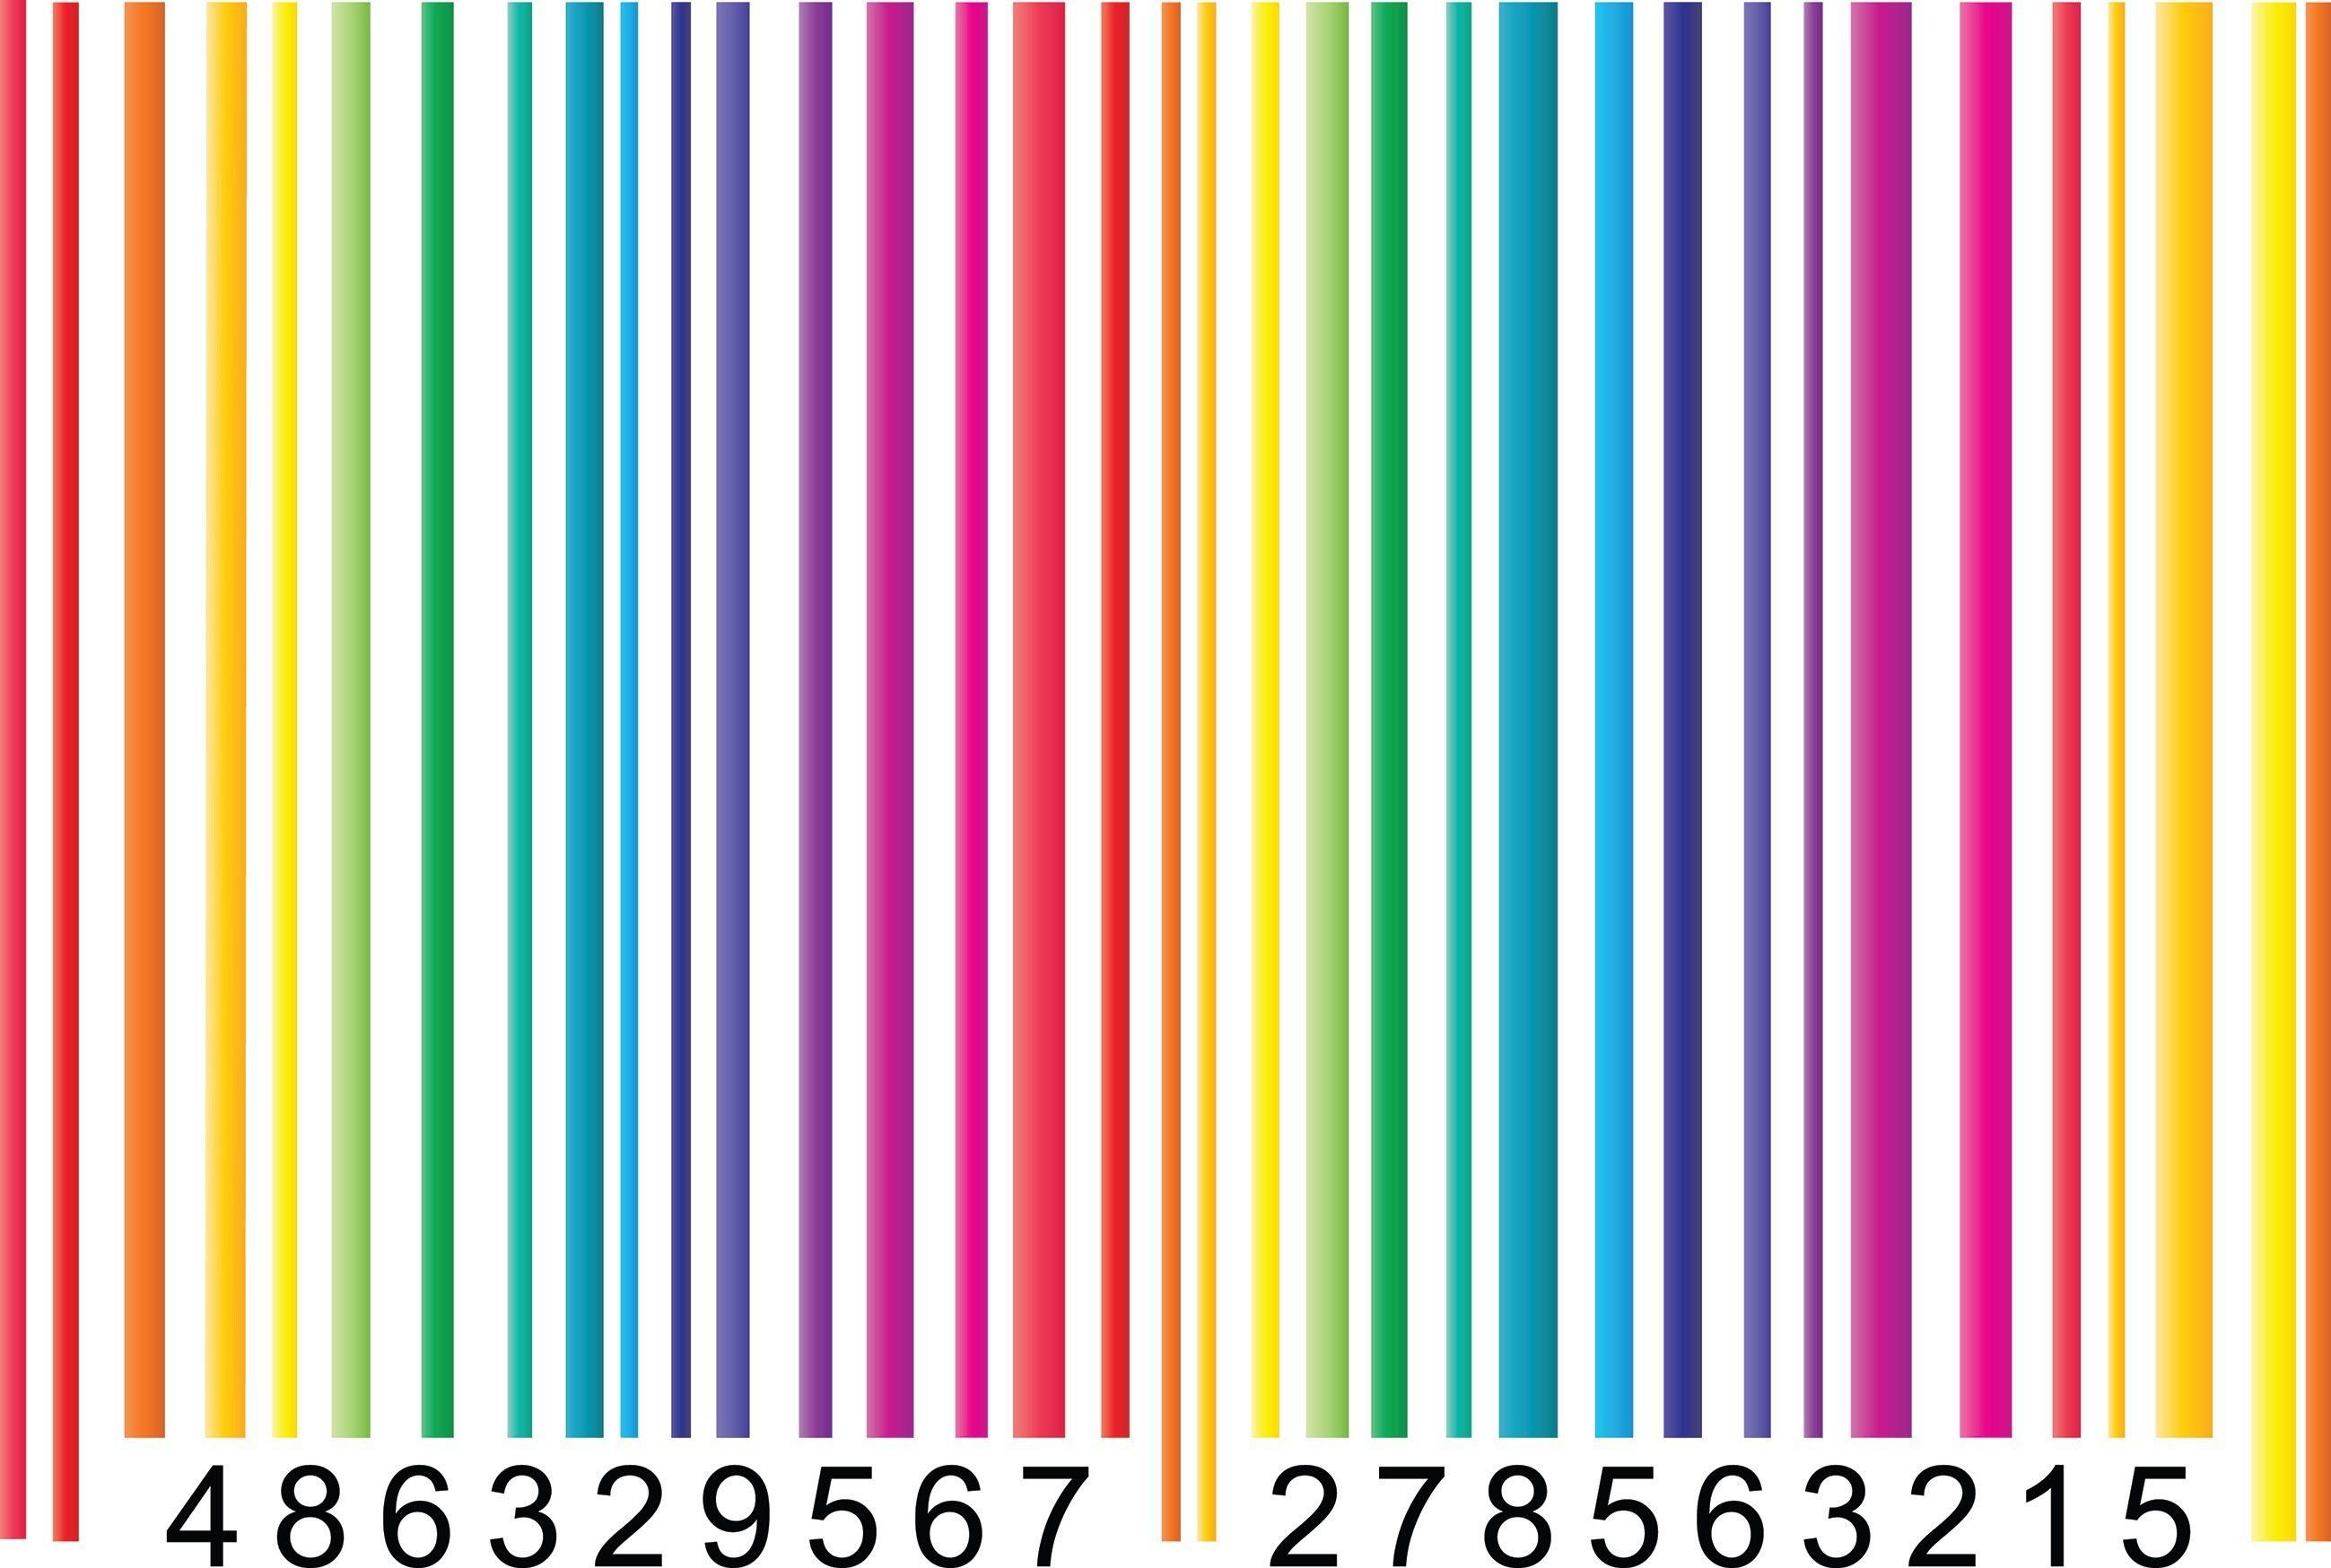 7 Recomendaciones Sobre Color Y Codigo De Barras Codigo De